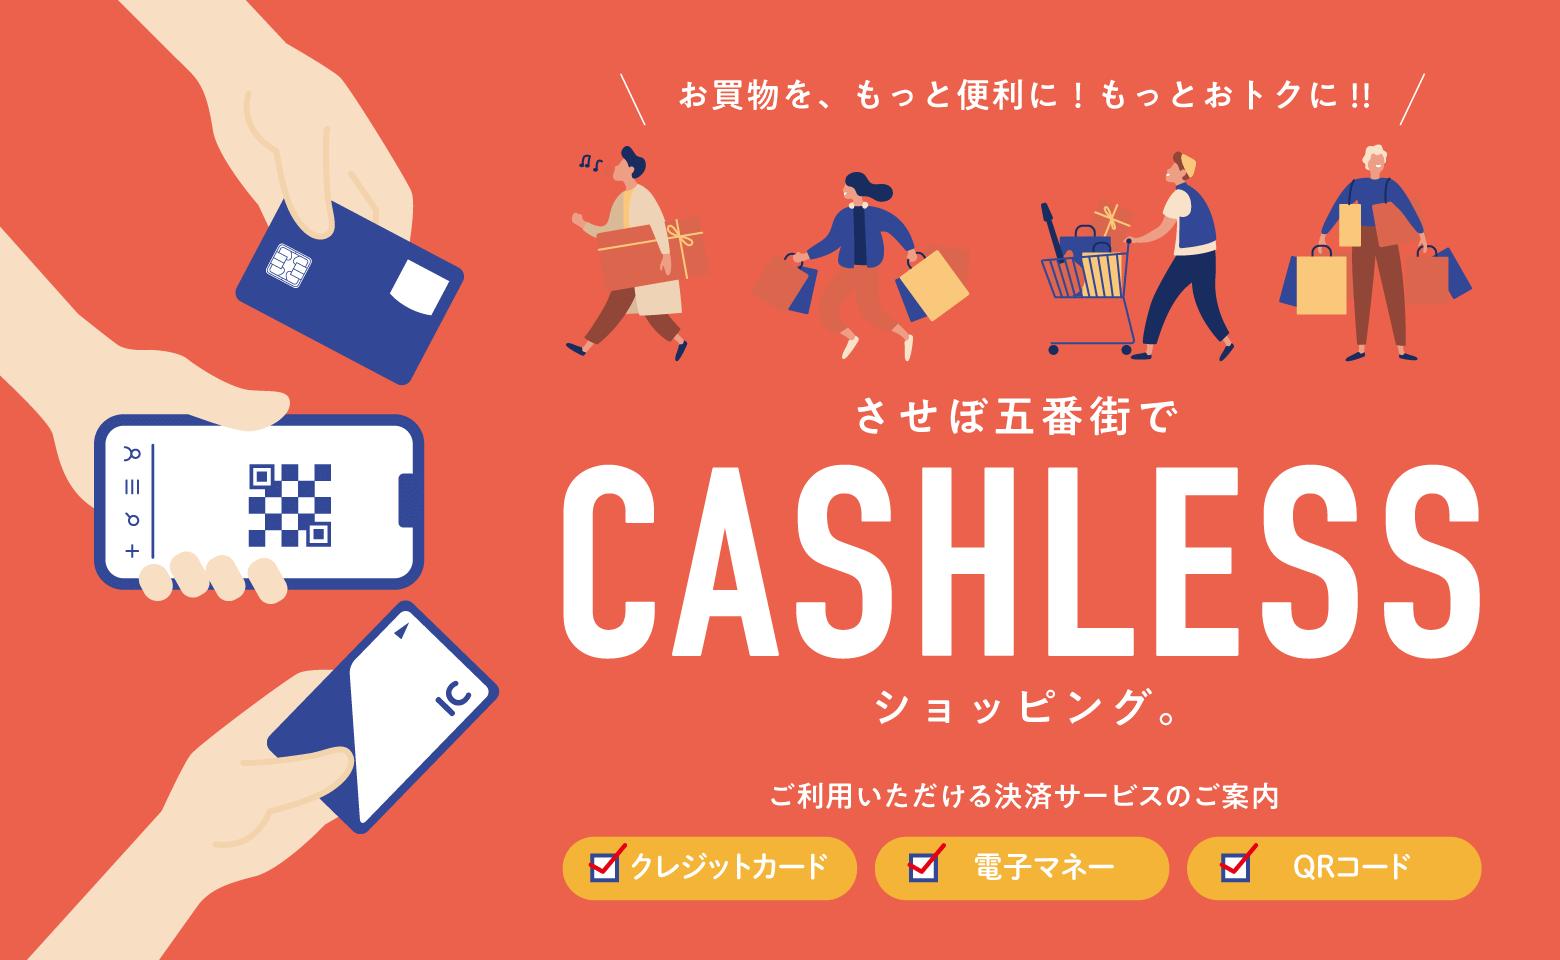 キャッシュレス決済サービス